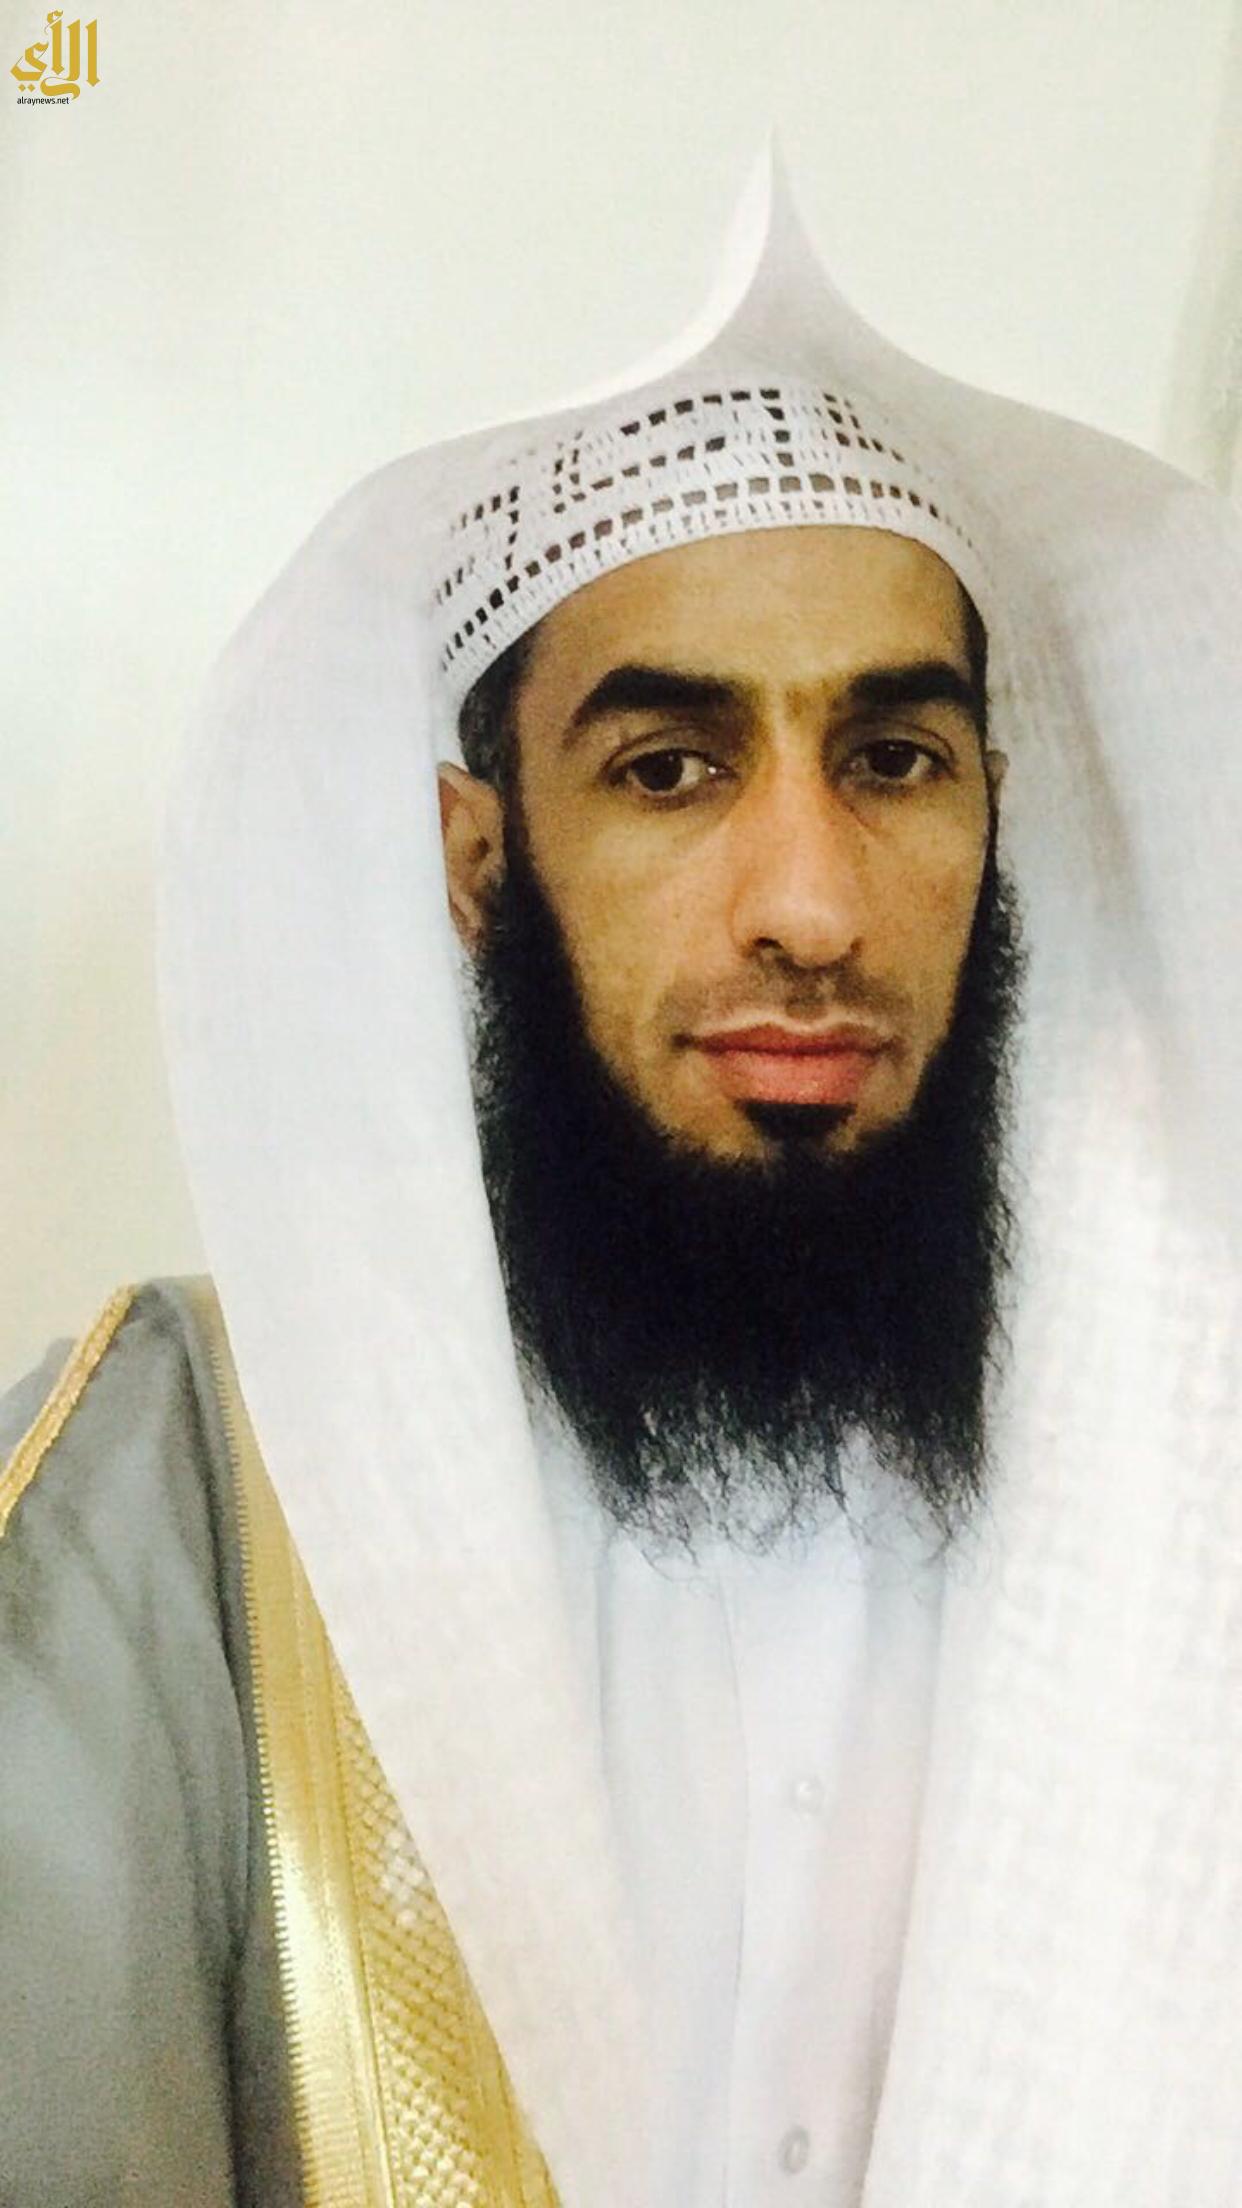 سعود الغليسي